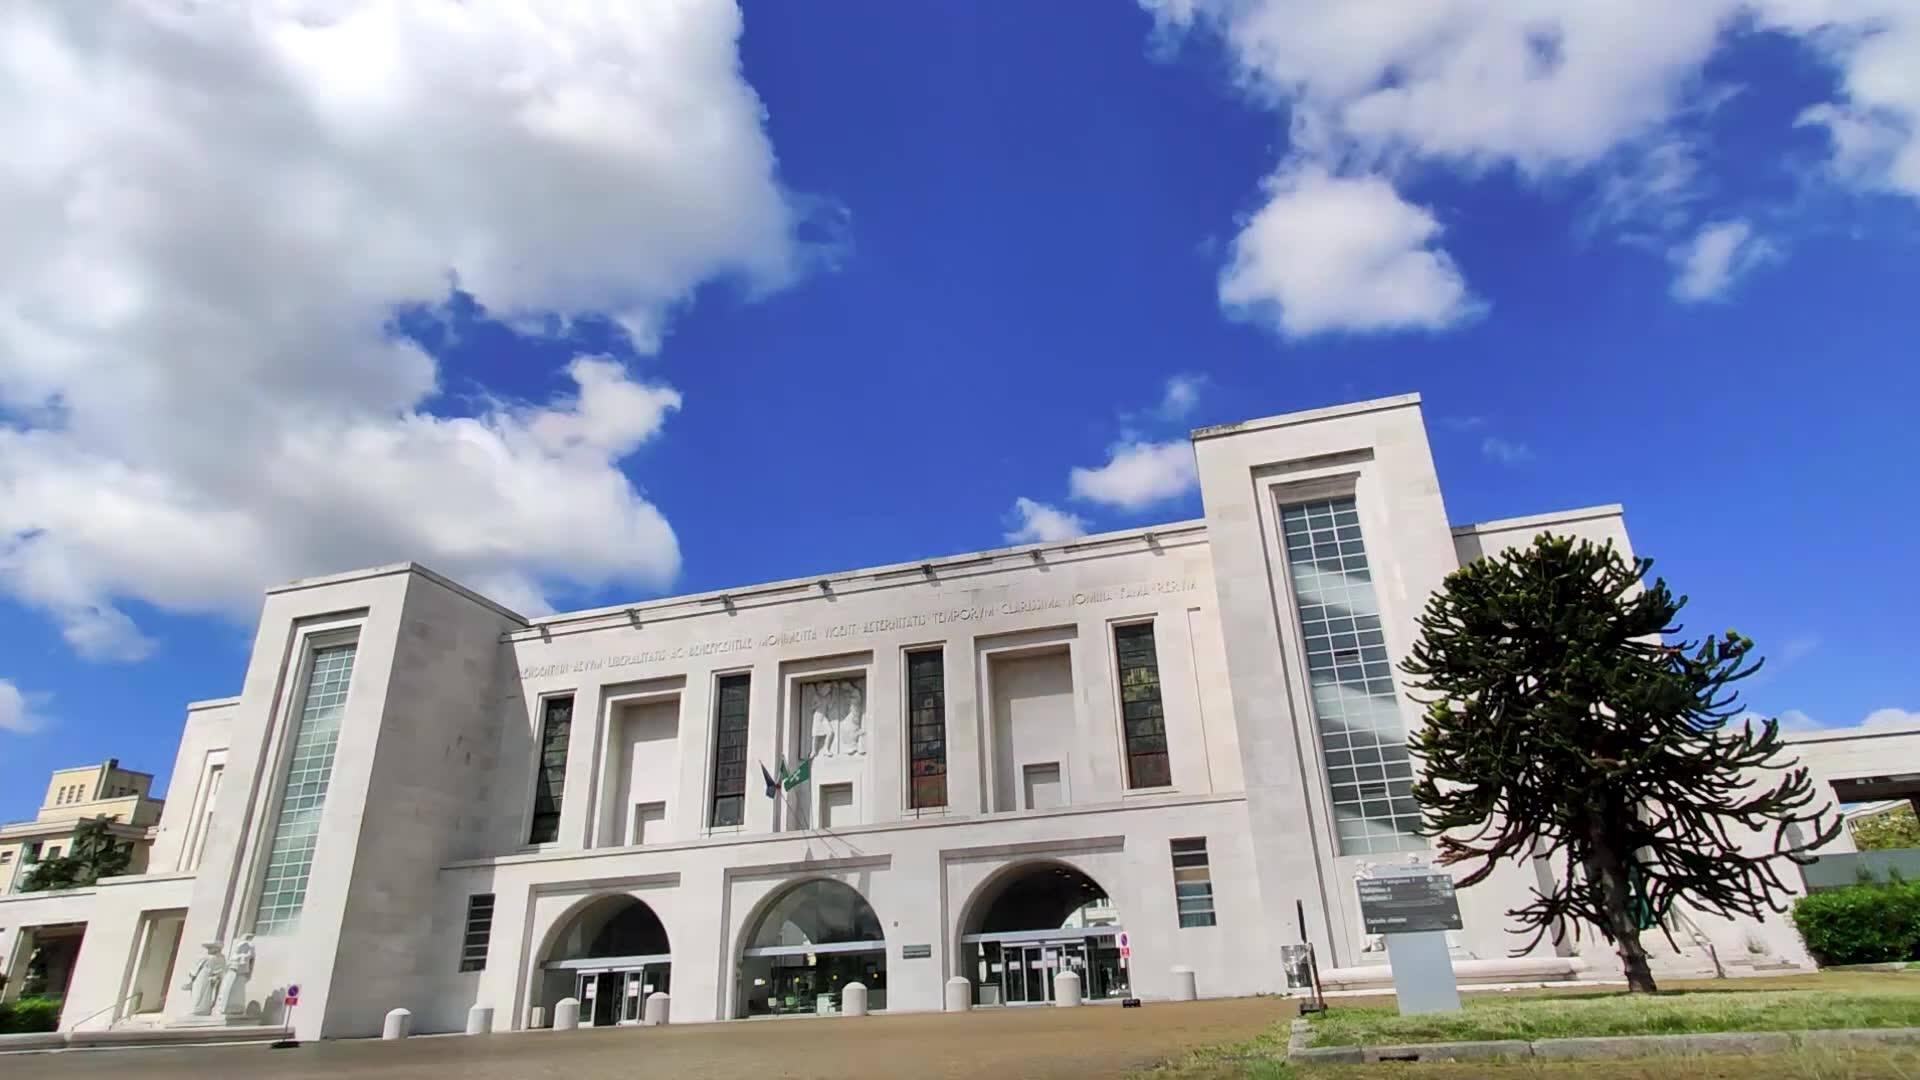 Niguarda è il miglior ospedale lombardo secondo Newsweek. Classifica esalta eccellenza sanità lombarda